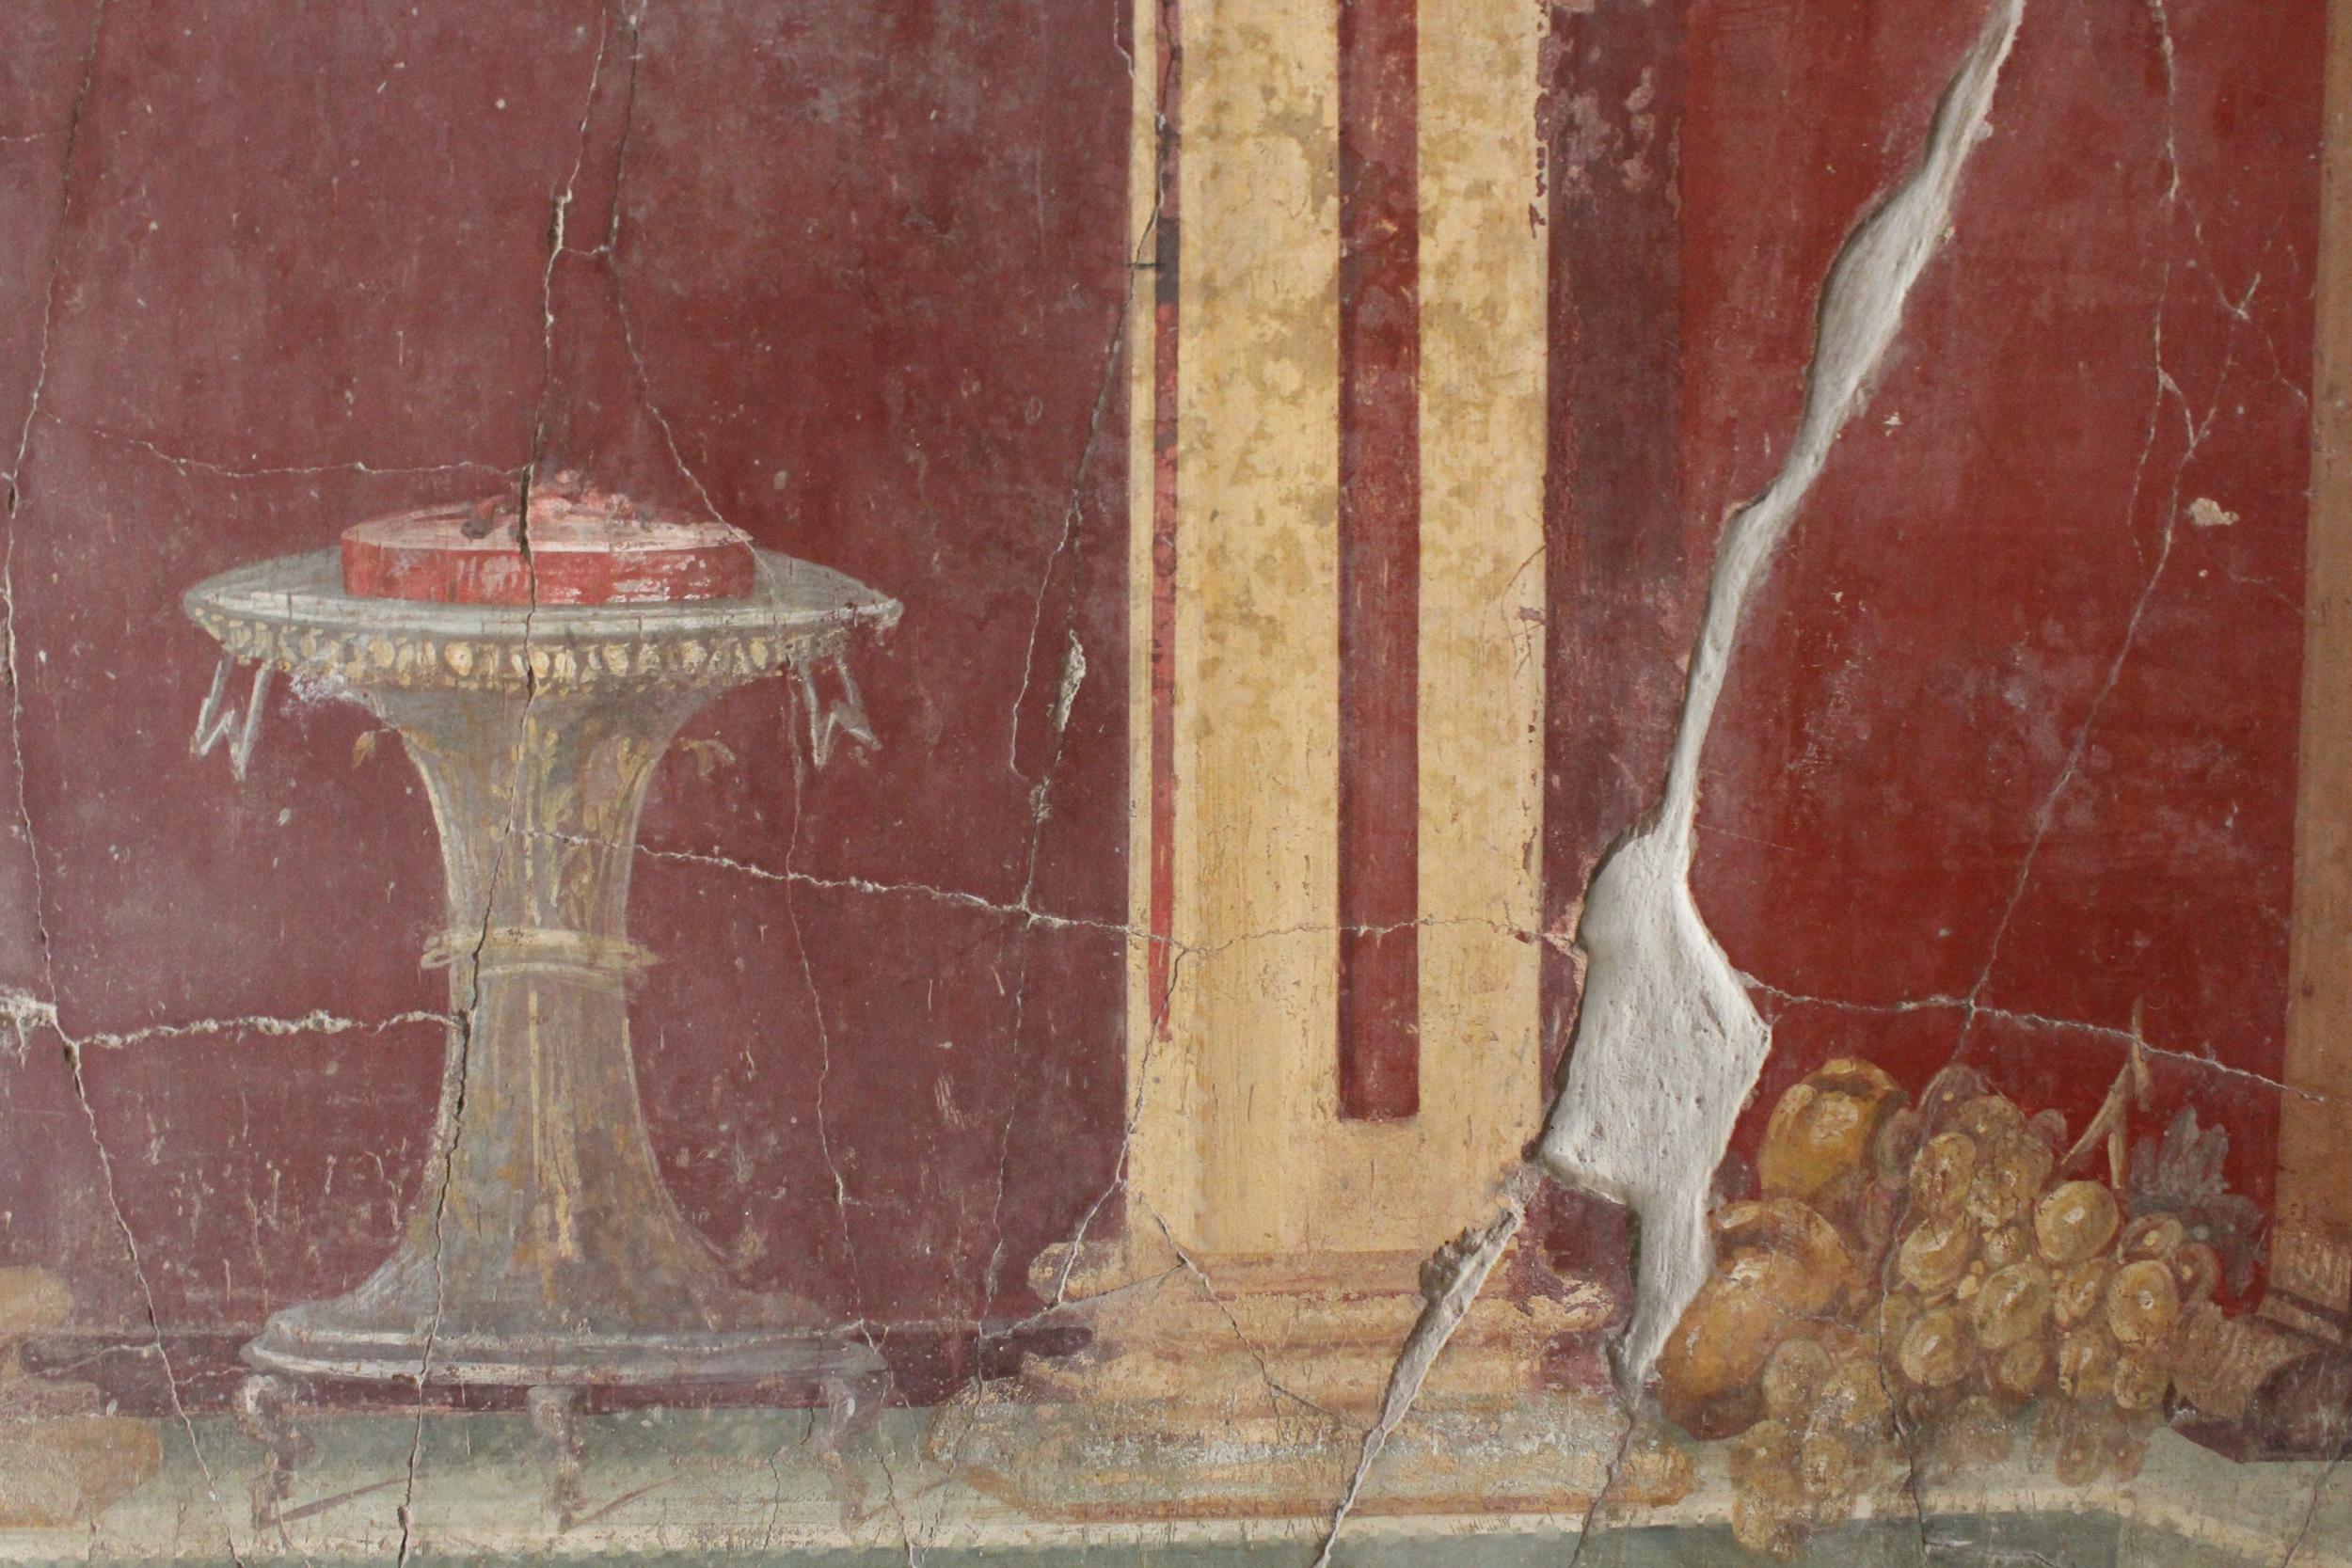 Food frescoes